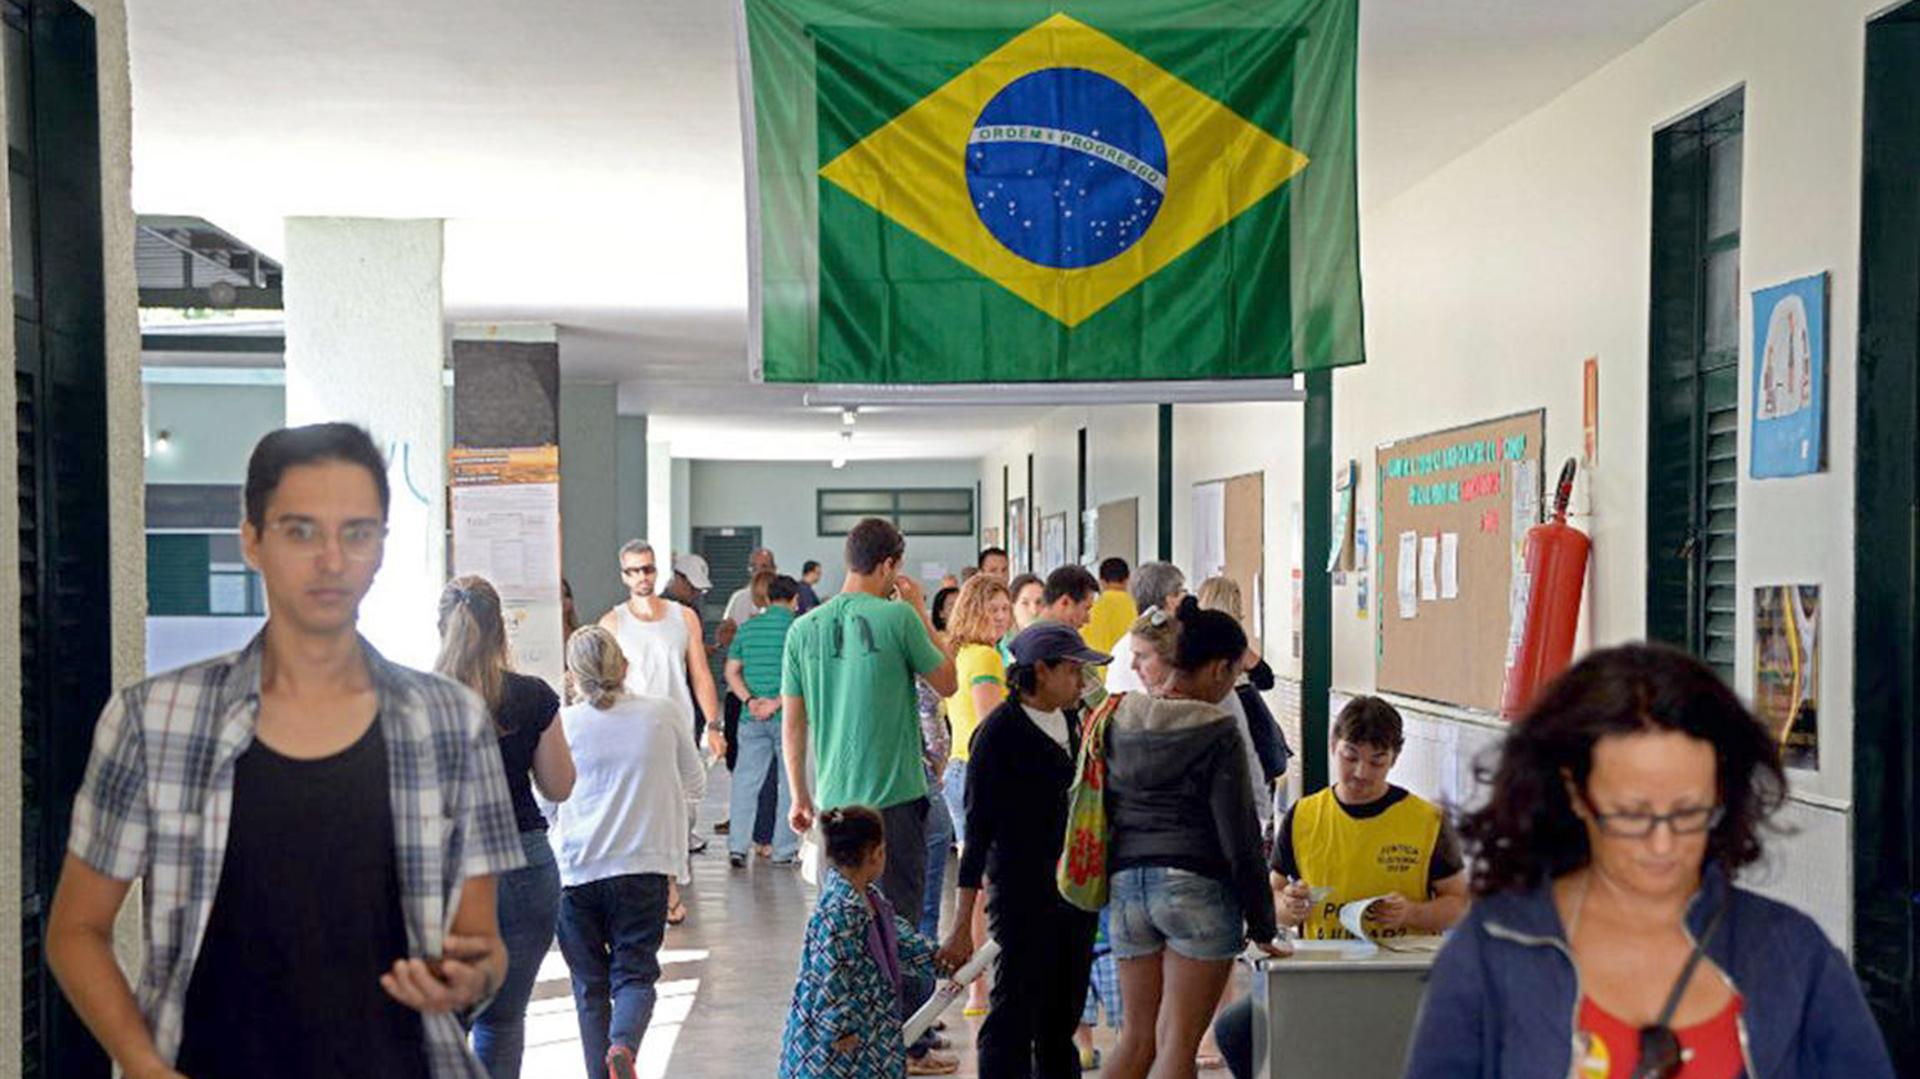 Brasil elige a sus alcaldes en las primeras elecciones desde la destitución  de Dilma Rousseff: el Partido de los Trabajadores teme la peor derrota en  décadas - Infobae